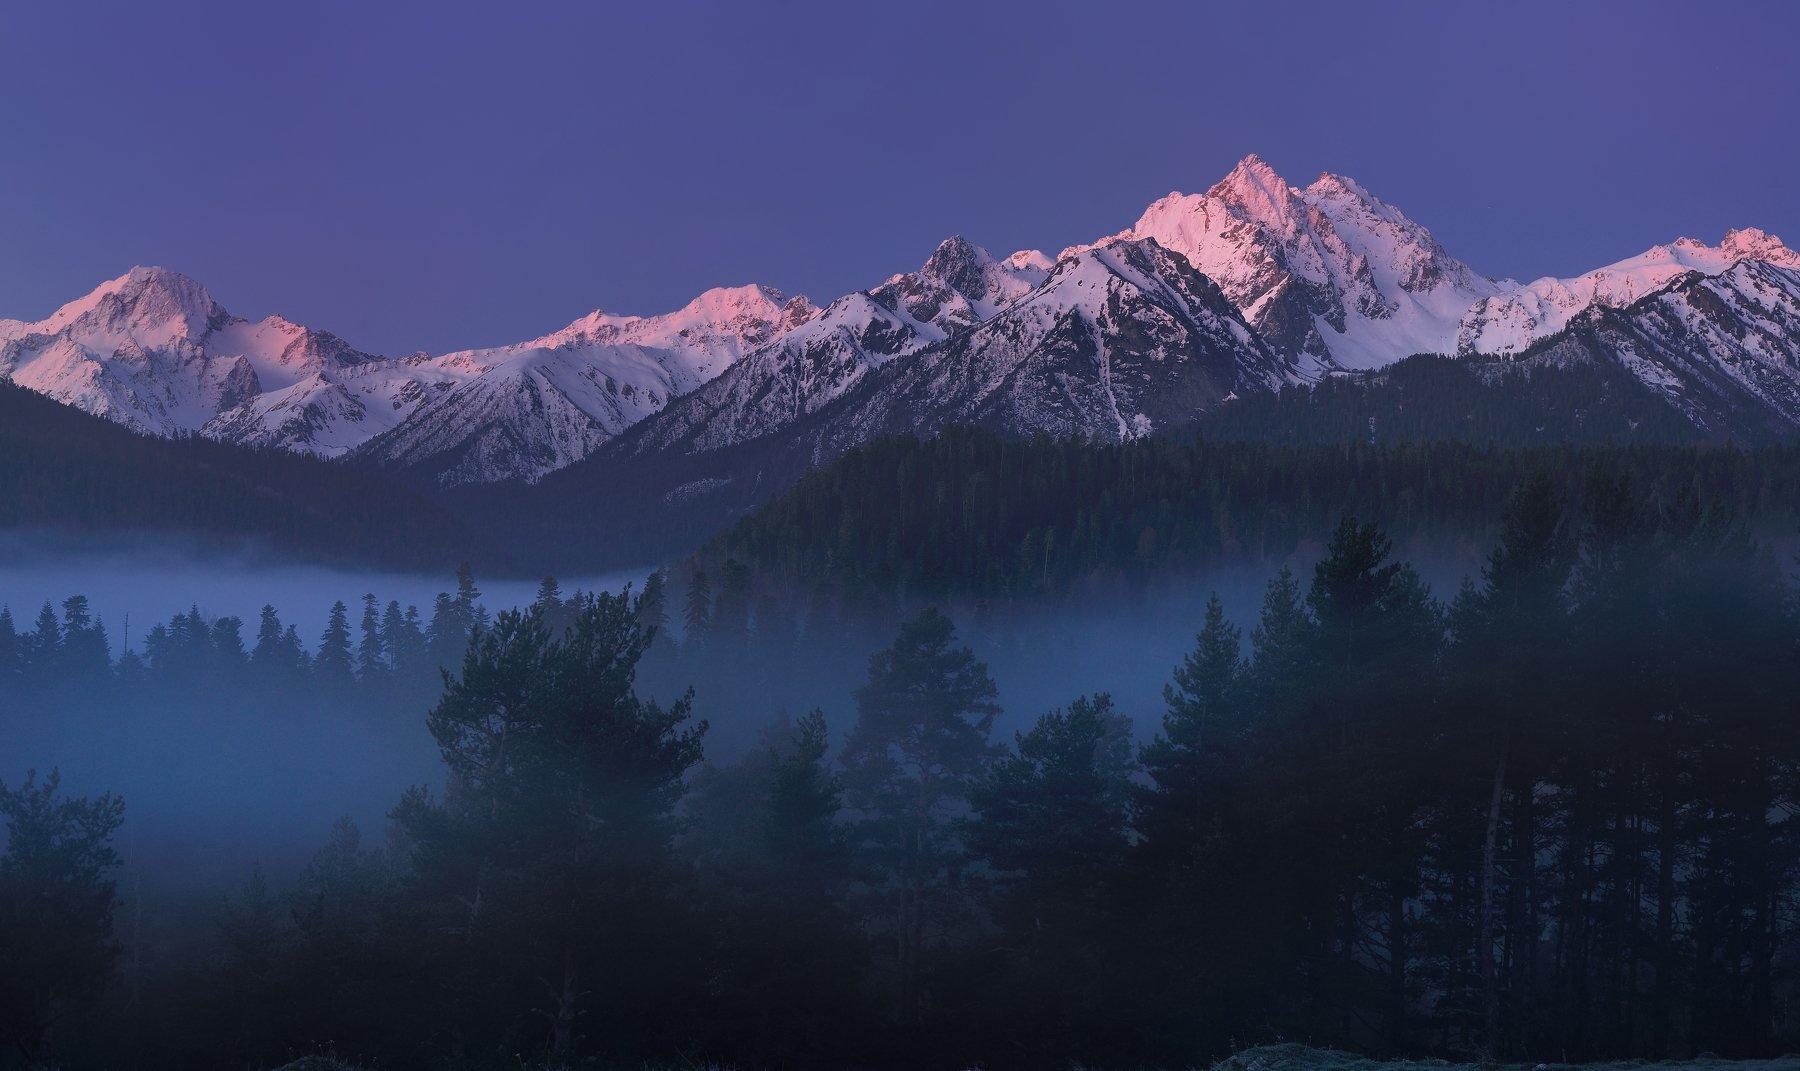 горы весна кавказ архыз, Александр Жарников